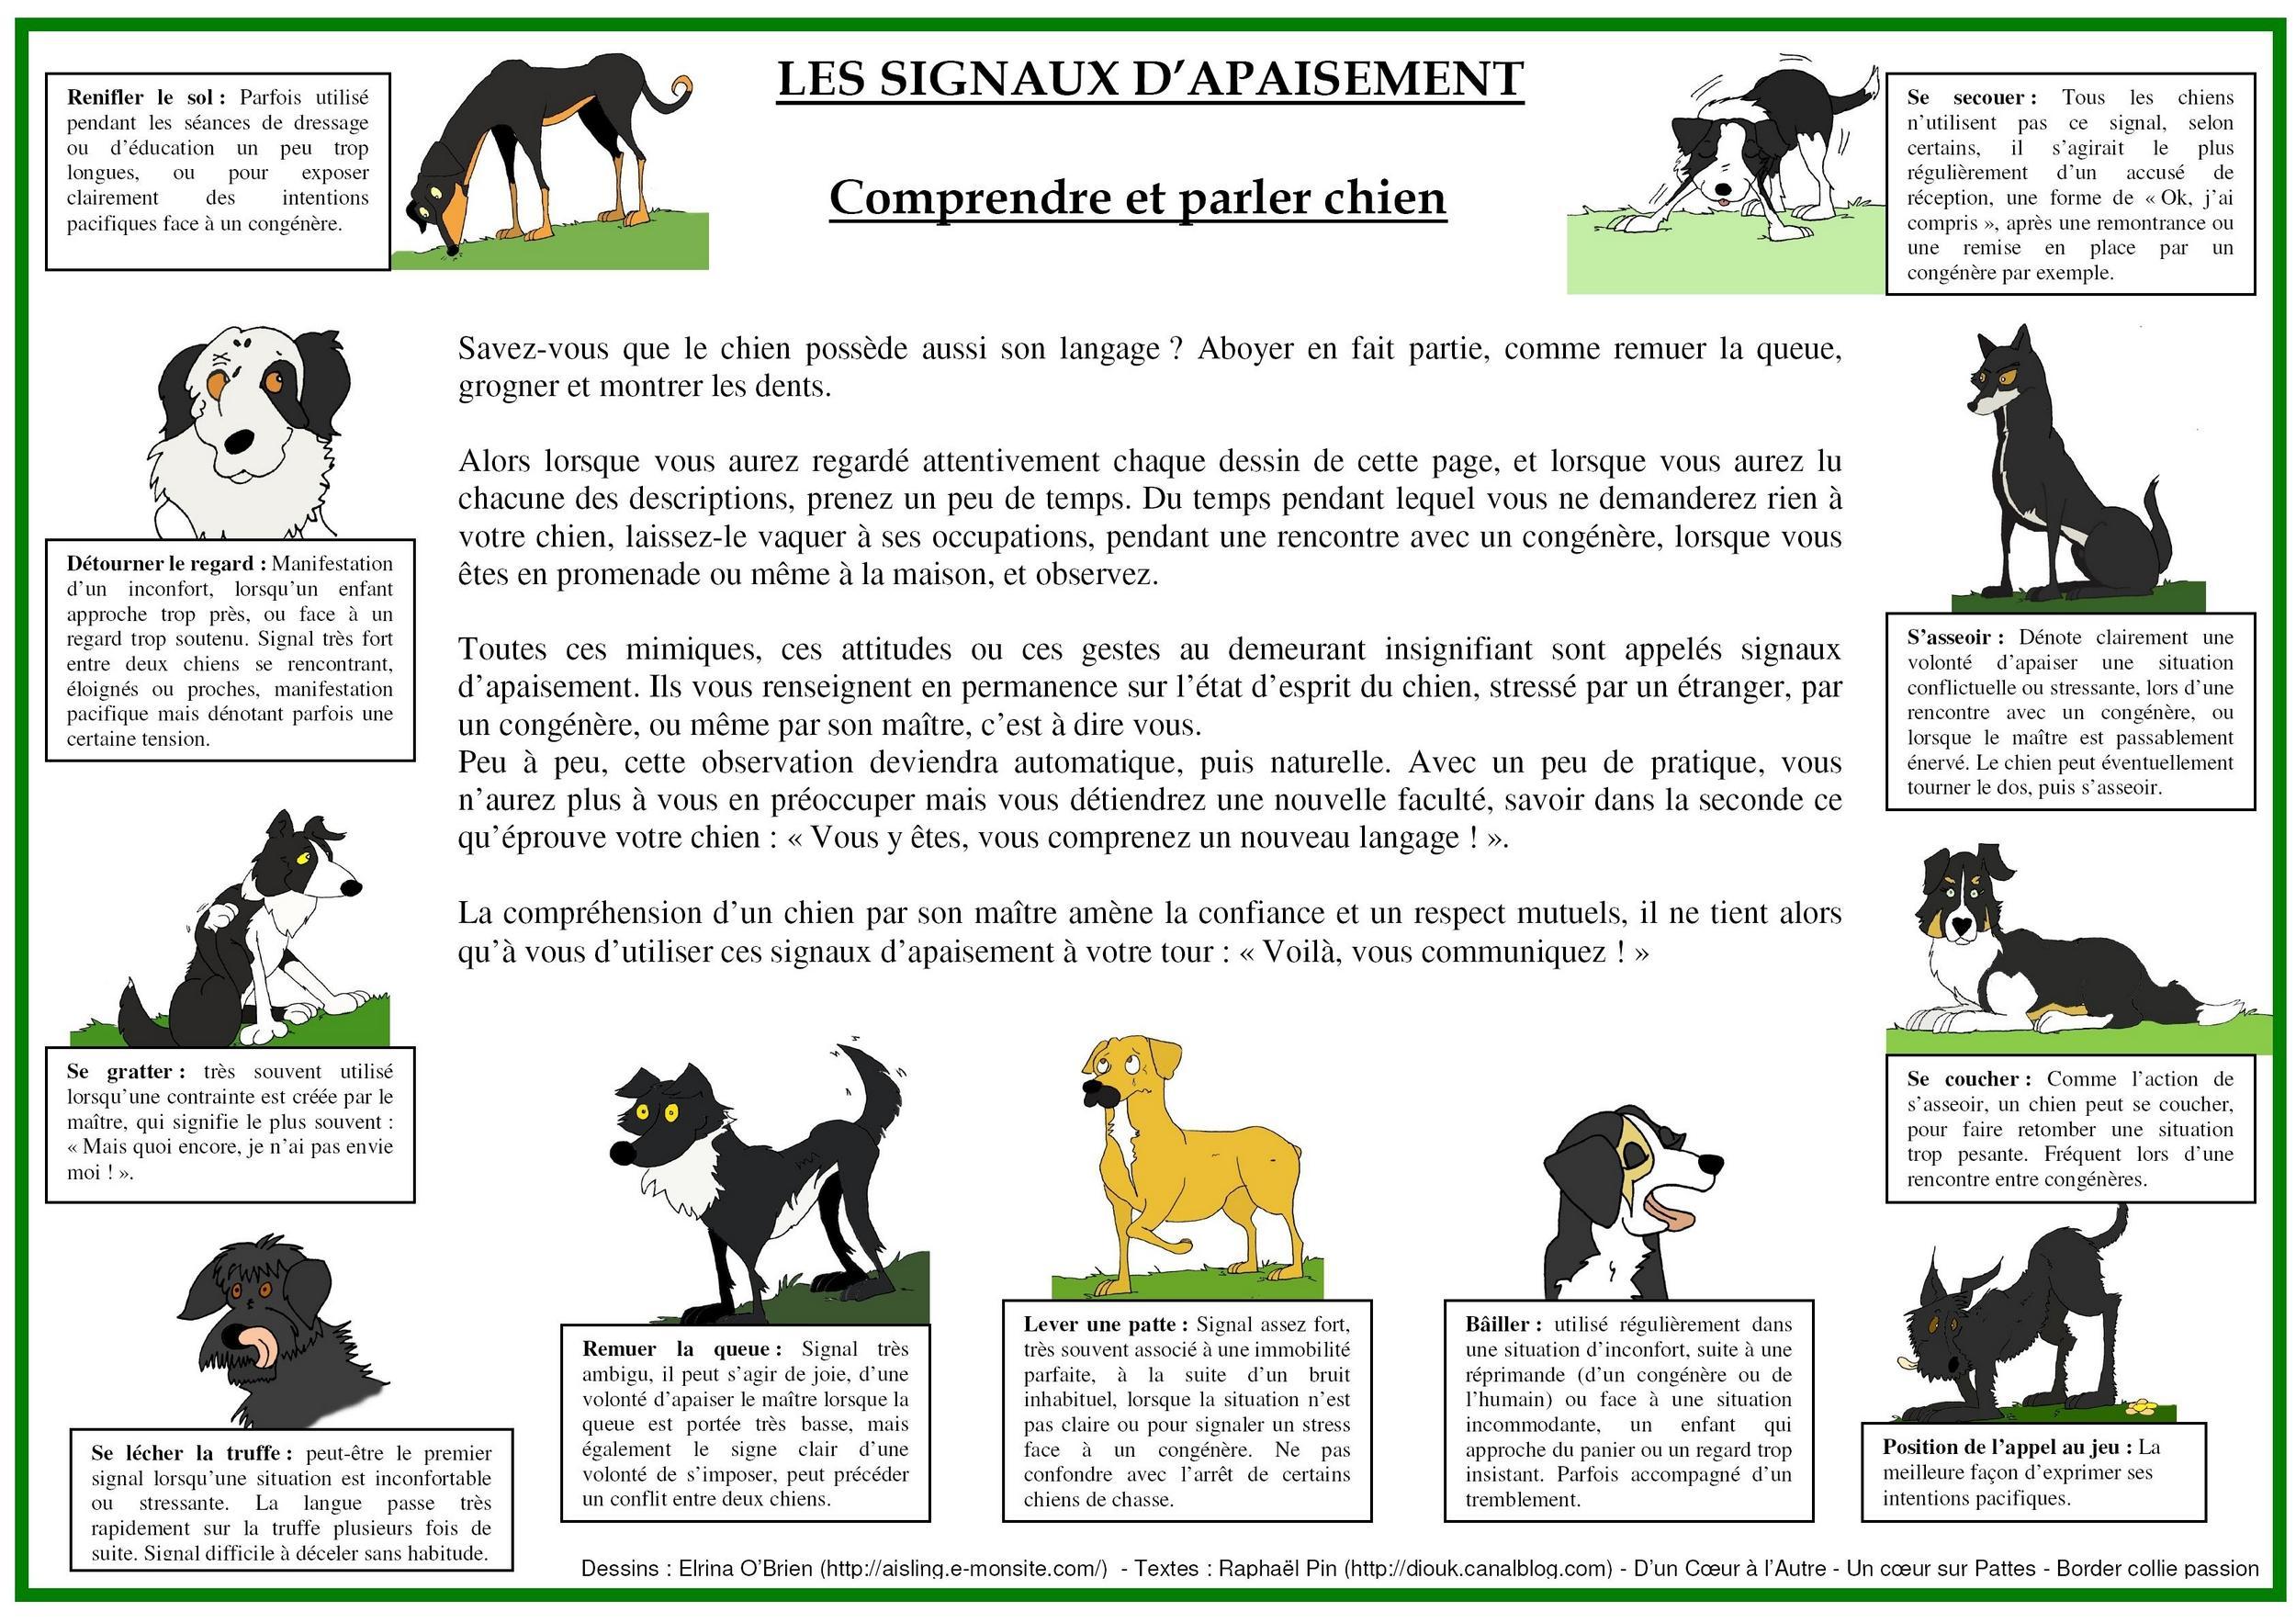 collier - présentation de JUSS, chien traumatisé  54156373739989